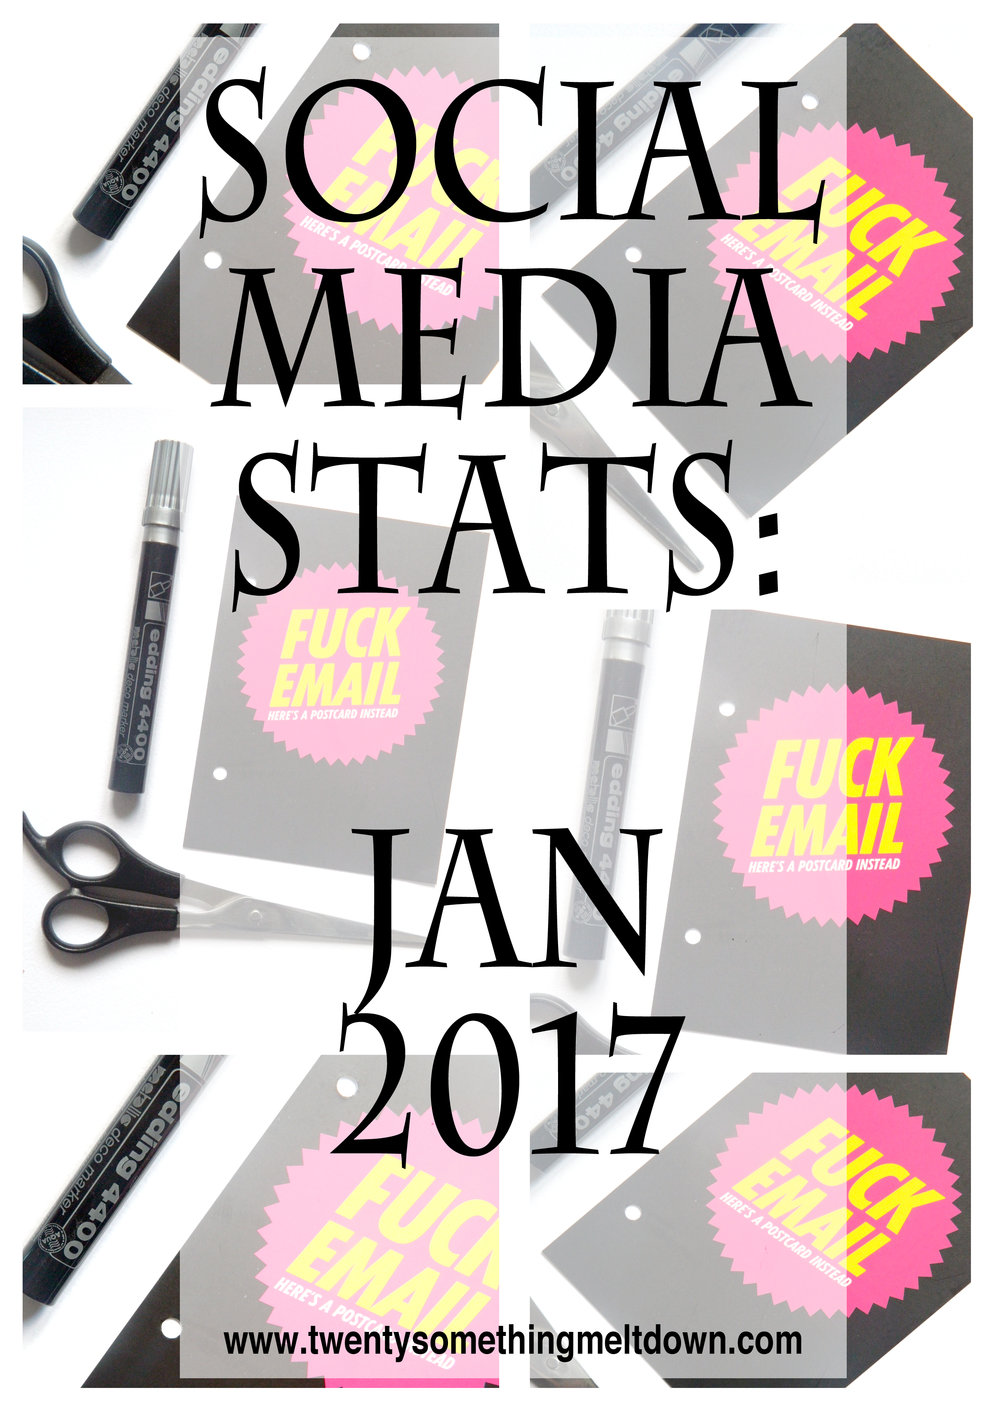 Social Media Stats: January 2017